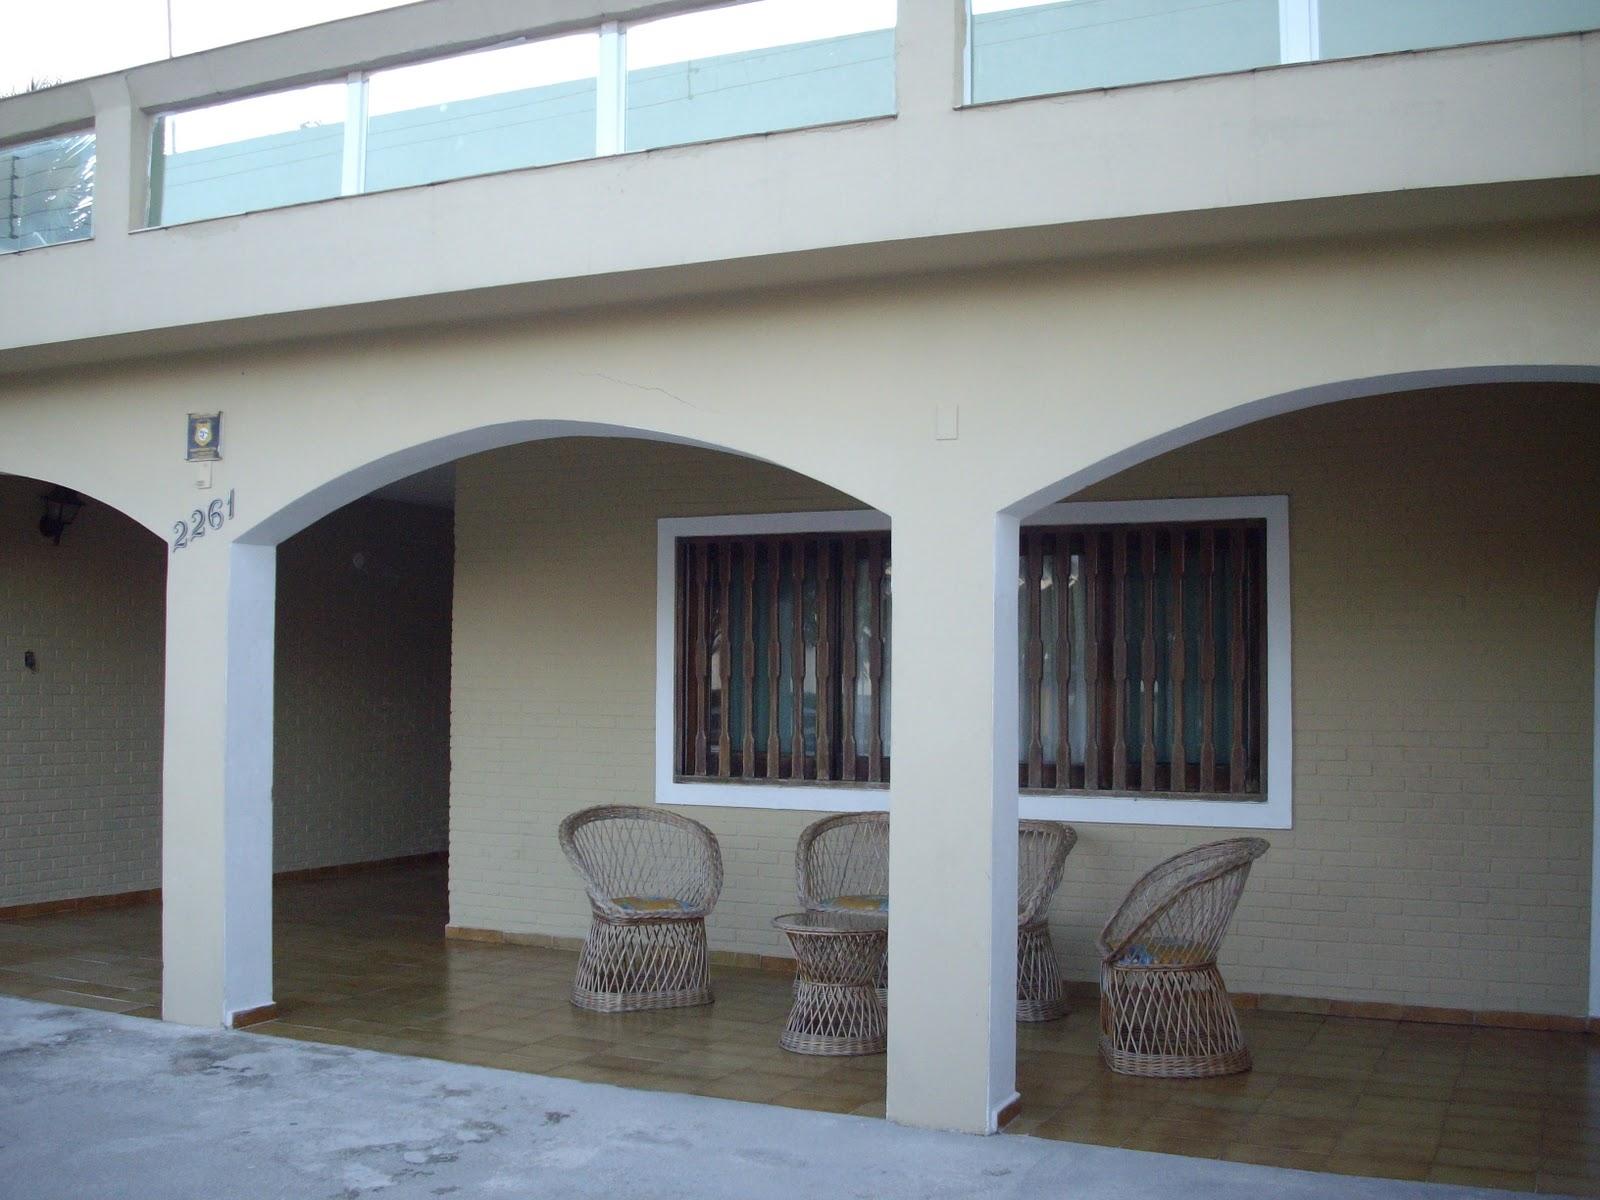 Casas para loca o tempor ria for Piscina 5x3 fuori terra